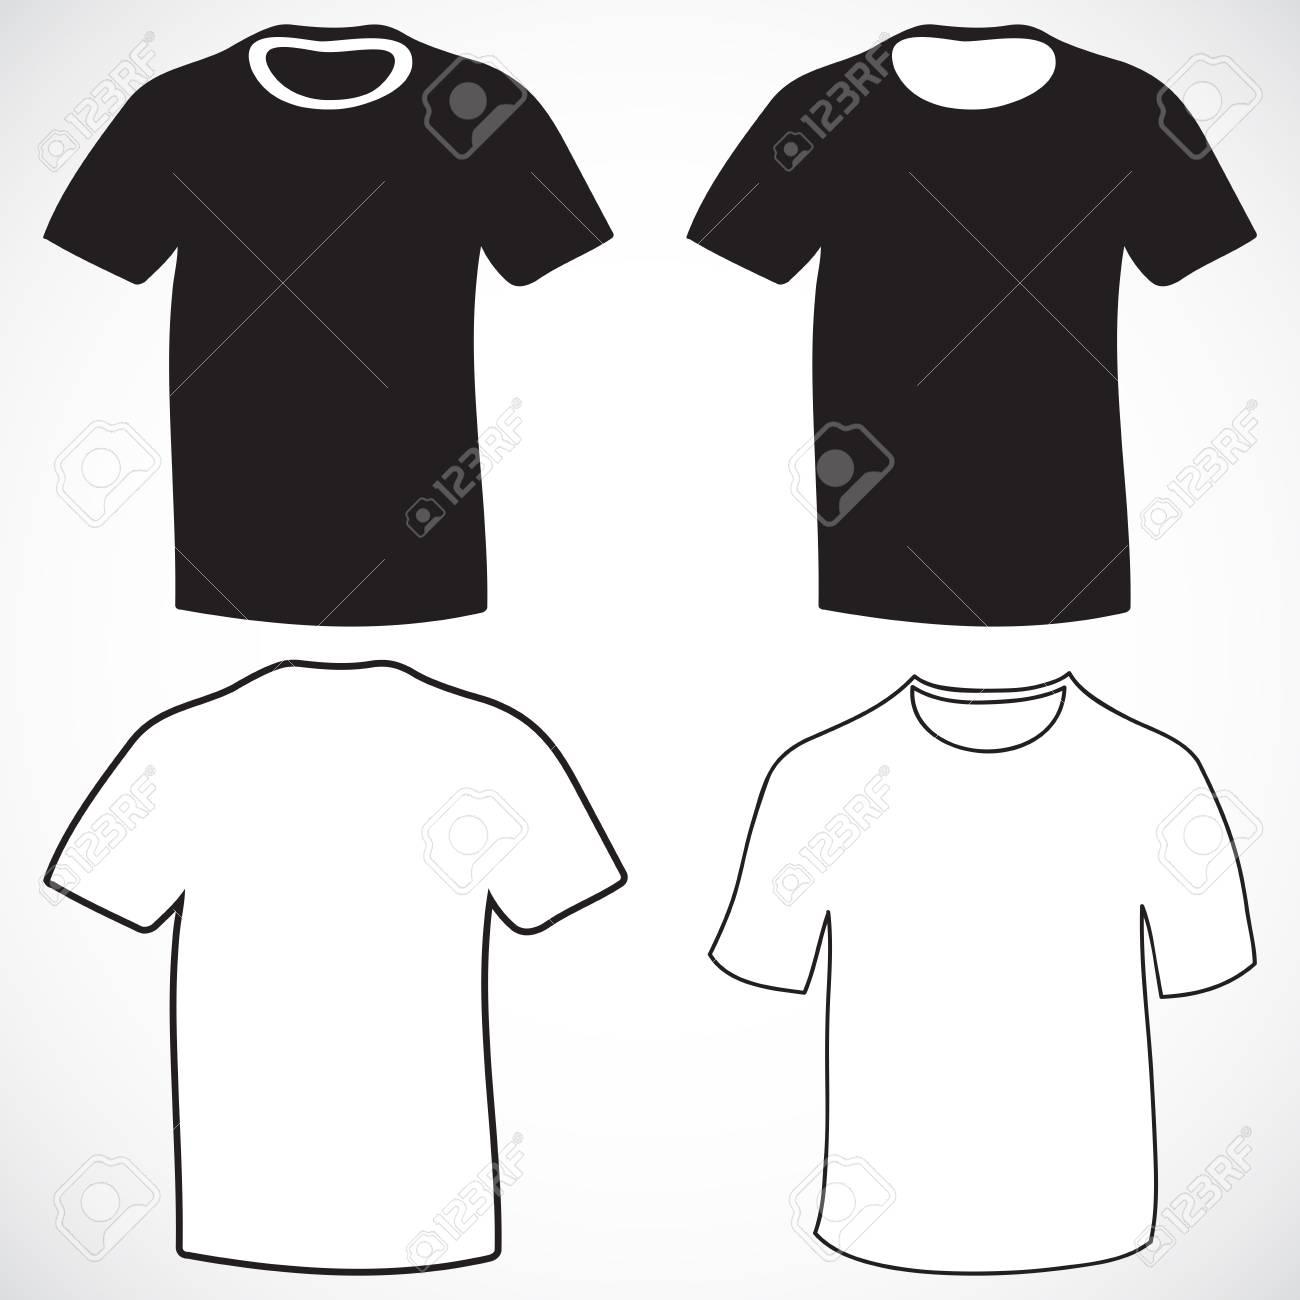 Los Hombres Plantilla De Diseño De La Camiseta Ilustraciones ...